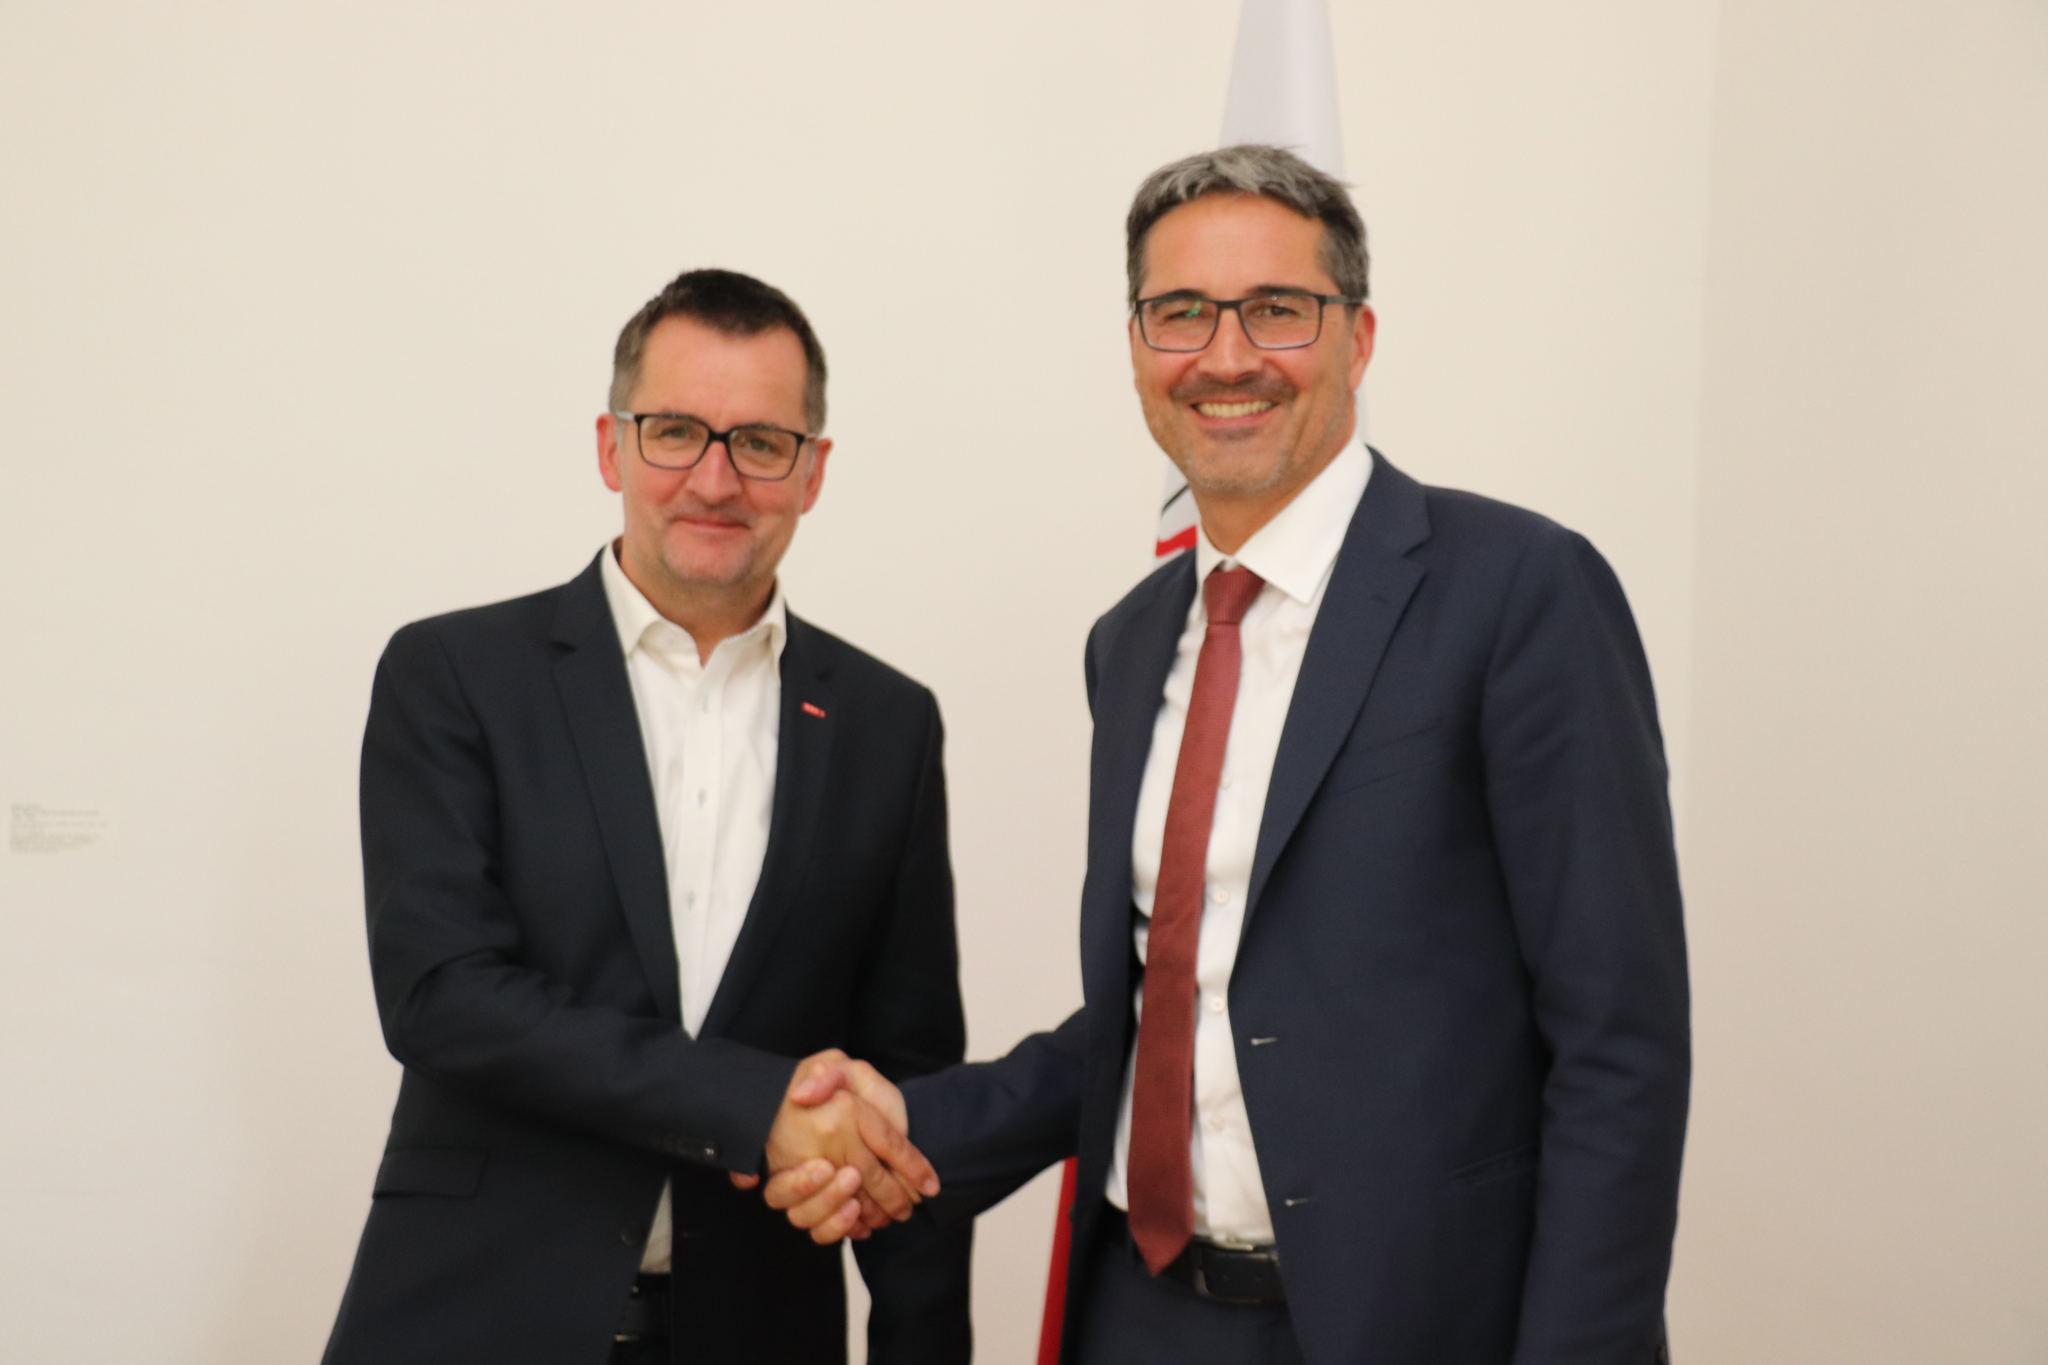 Neuer ORF-Tirol-Direktor Unterweger bei LH Kompatscher